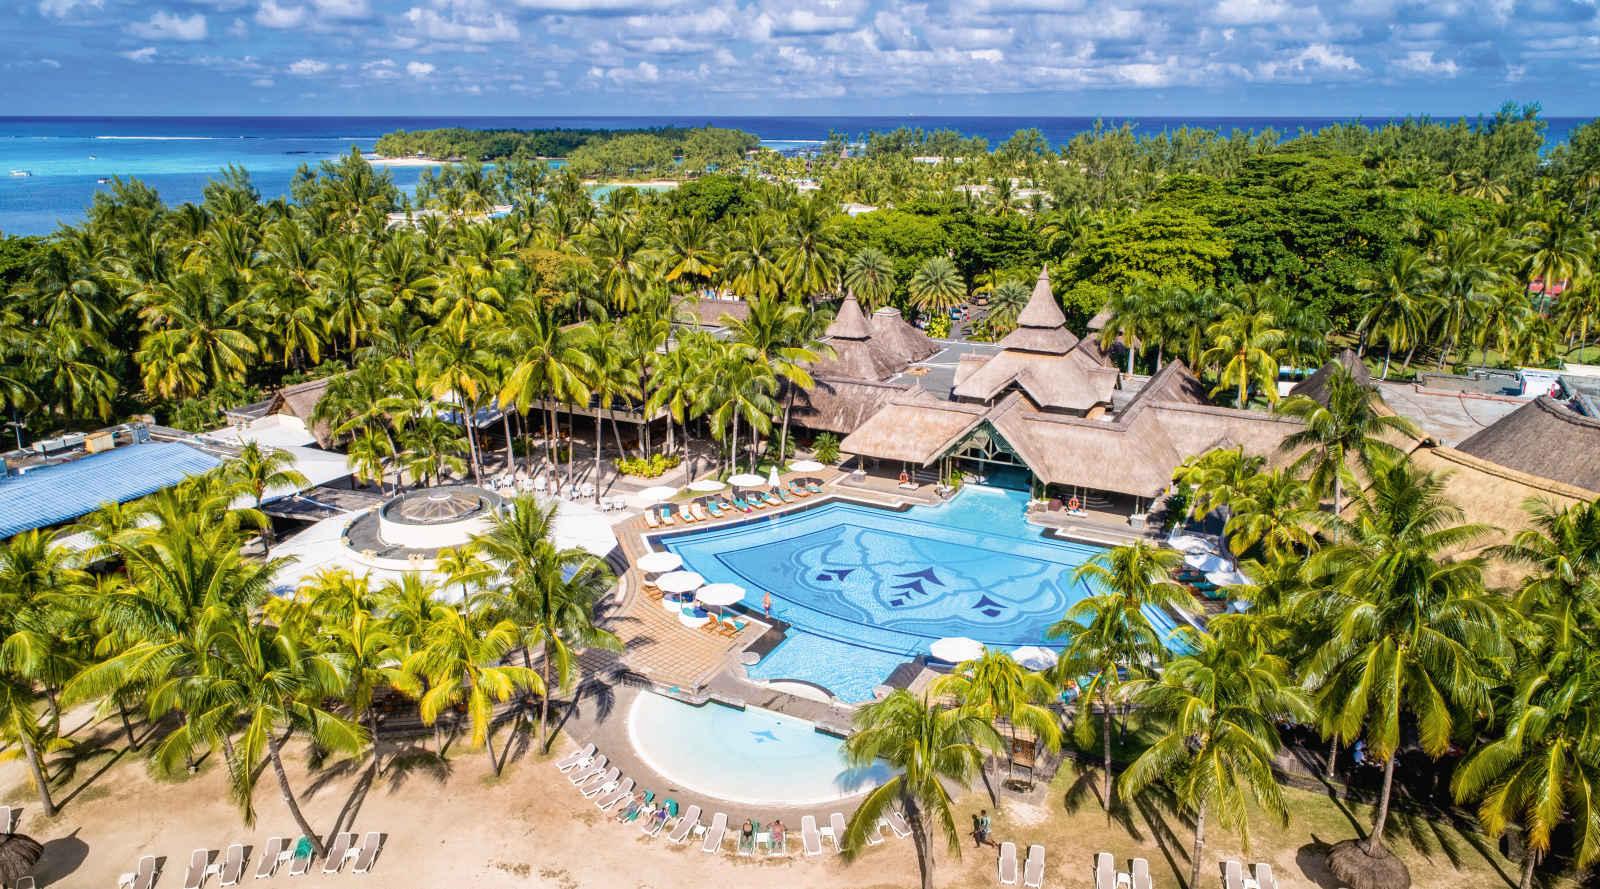 Shandrani Beachcomber Resort & Spa - 4.5*